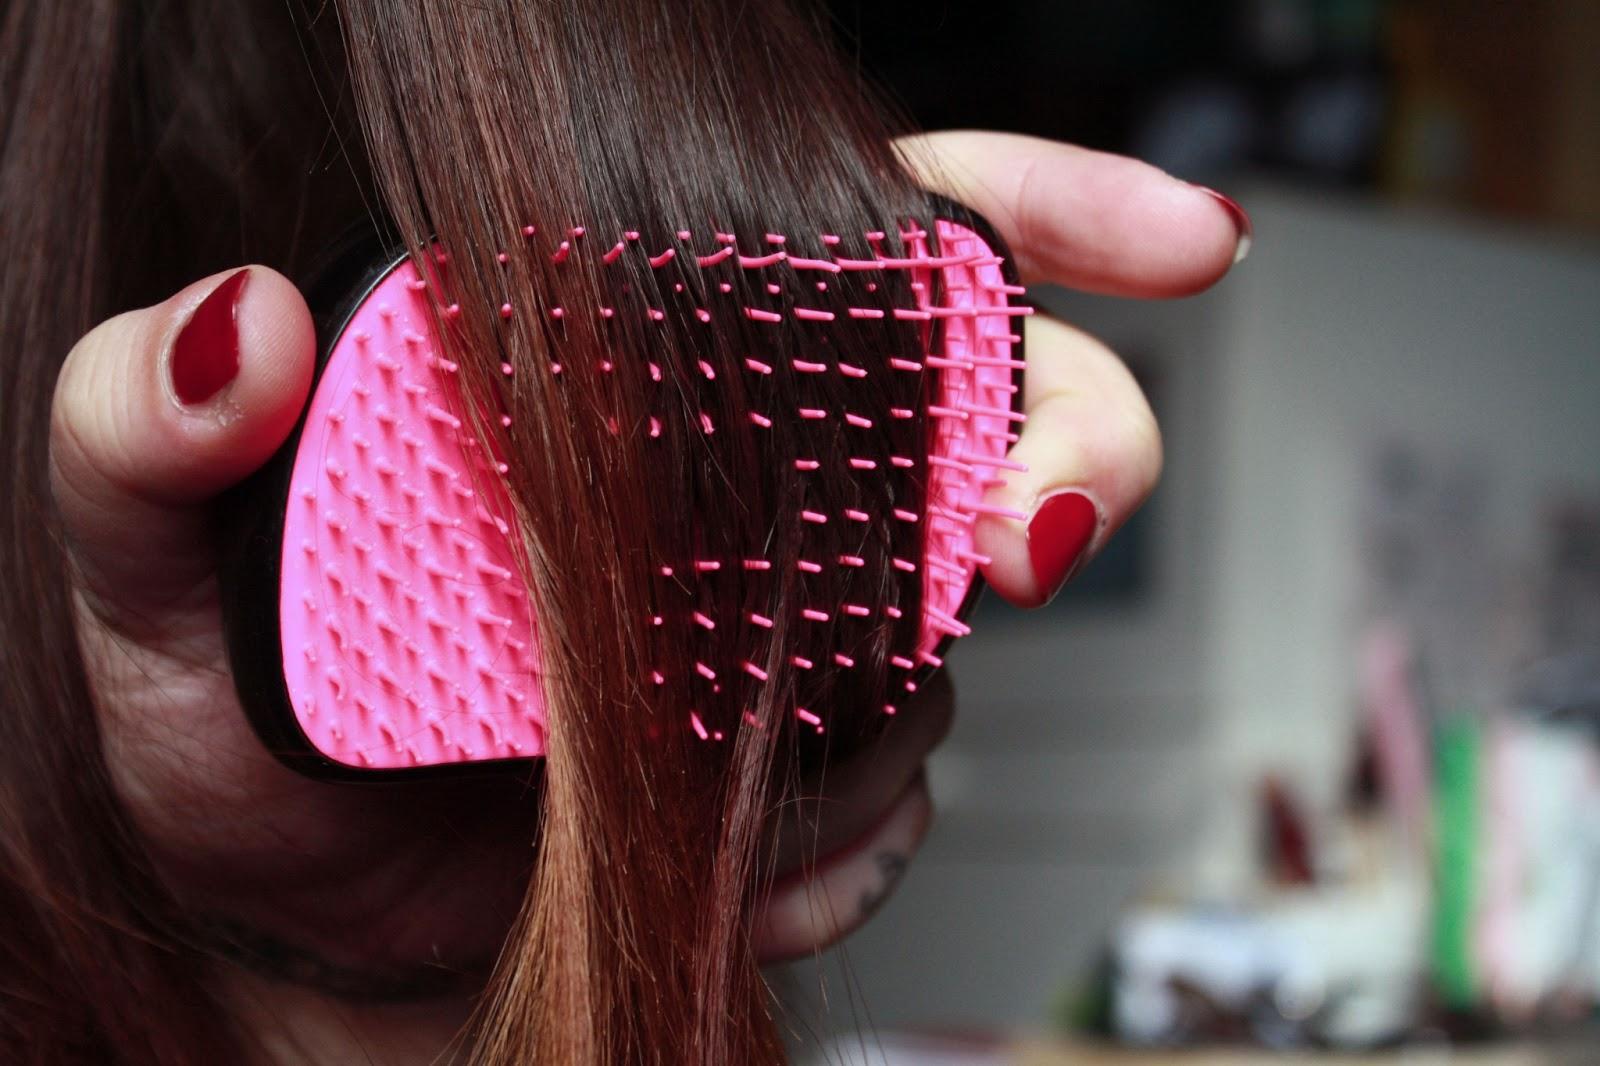 la uso sia su capelli bagnati che asciutti e in entrambi i modi svolge alla perfezione il suo lavoro in meno di 5 minuti riesco a sciogliere anche i nodi